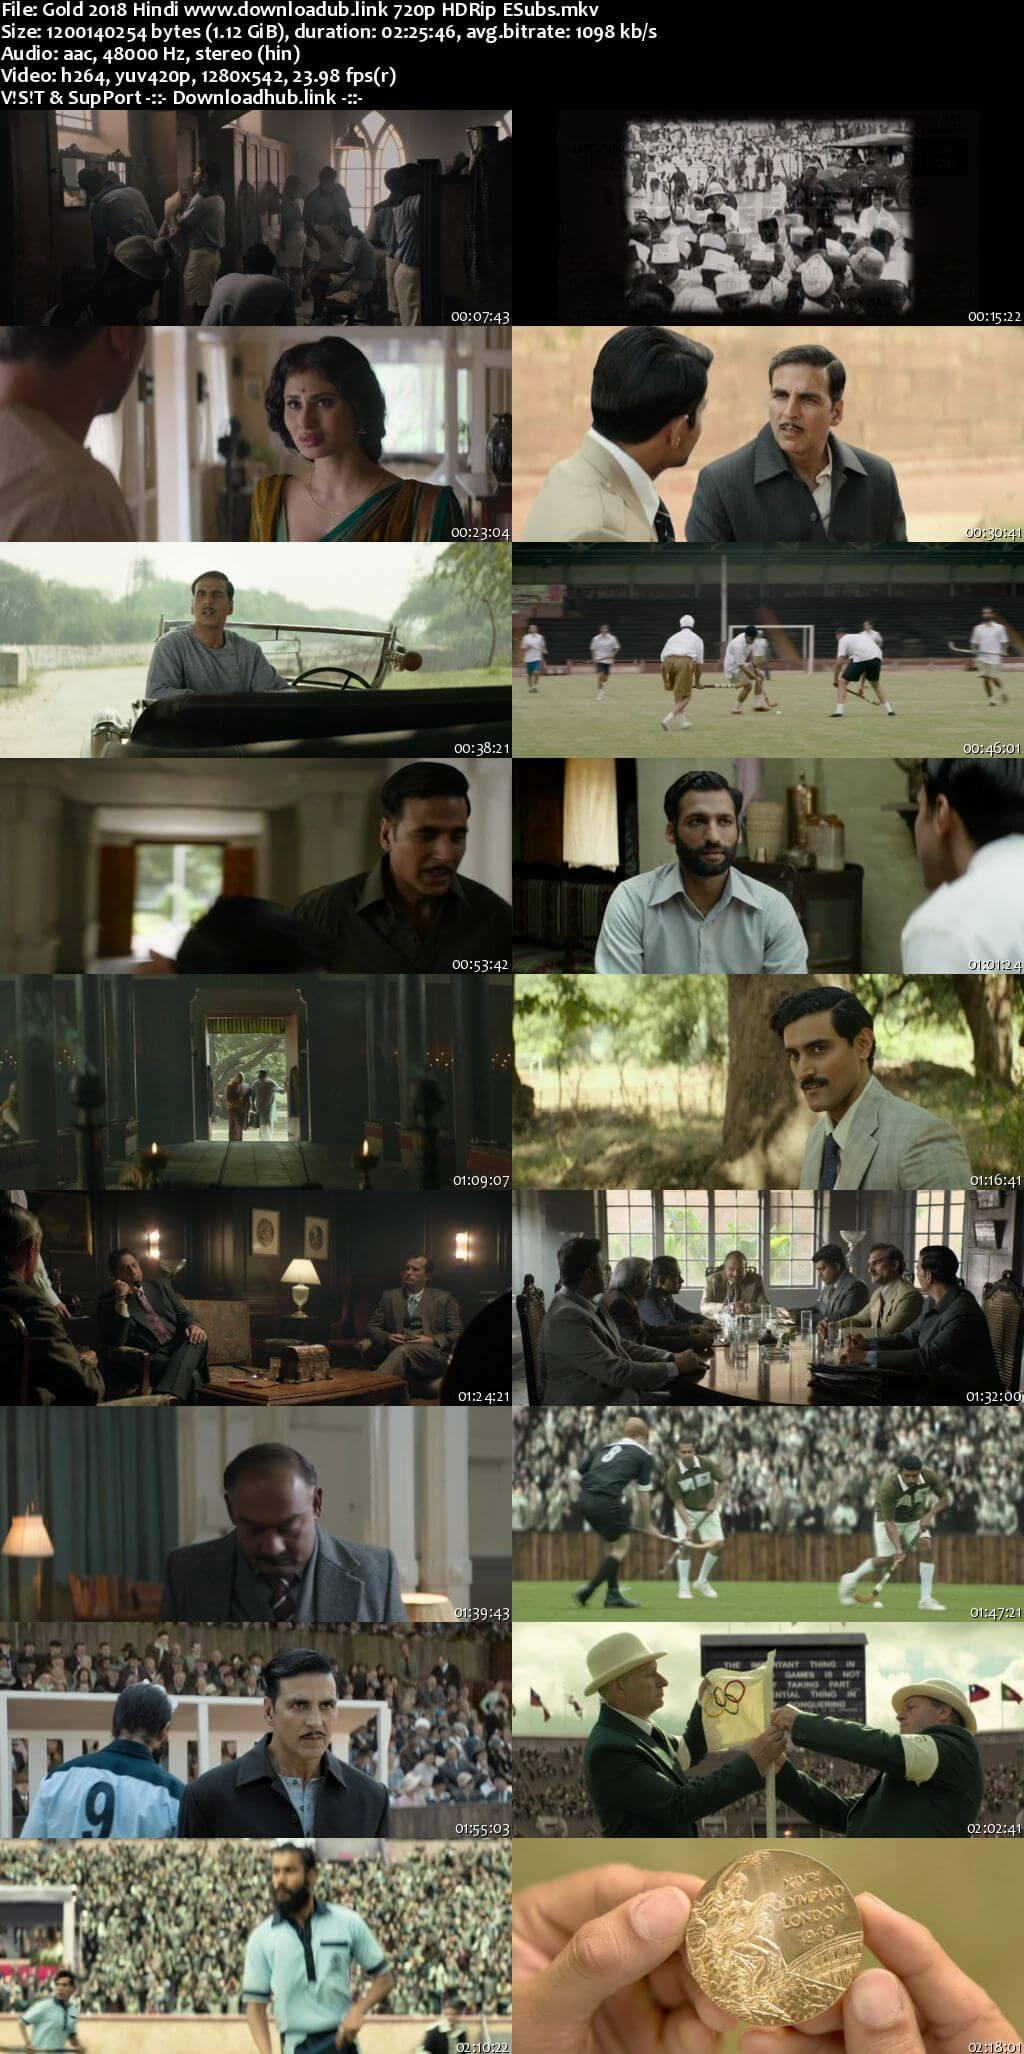 Gold 2018 Hindi 720p HDRip ESubs